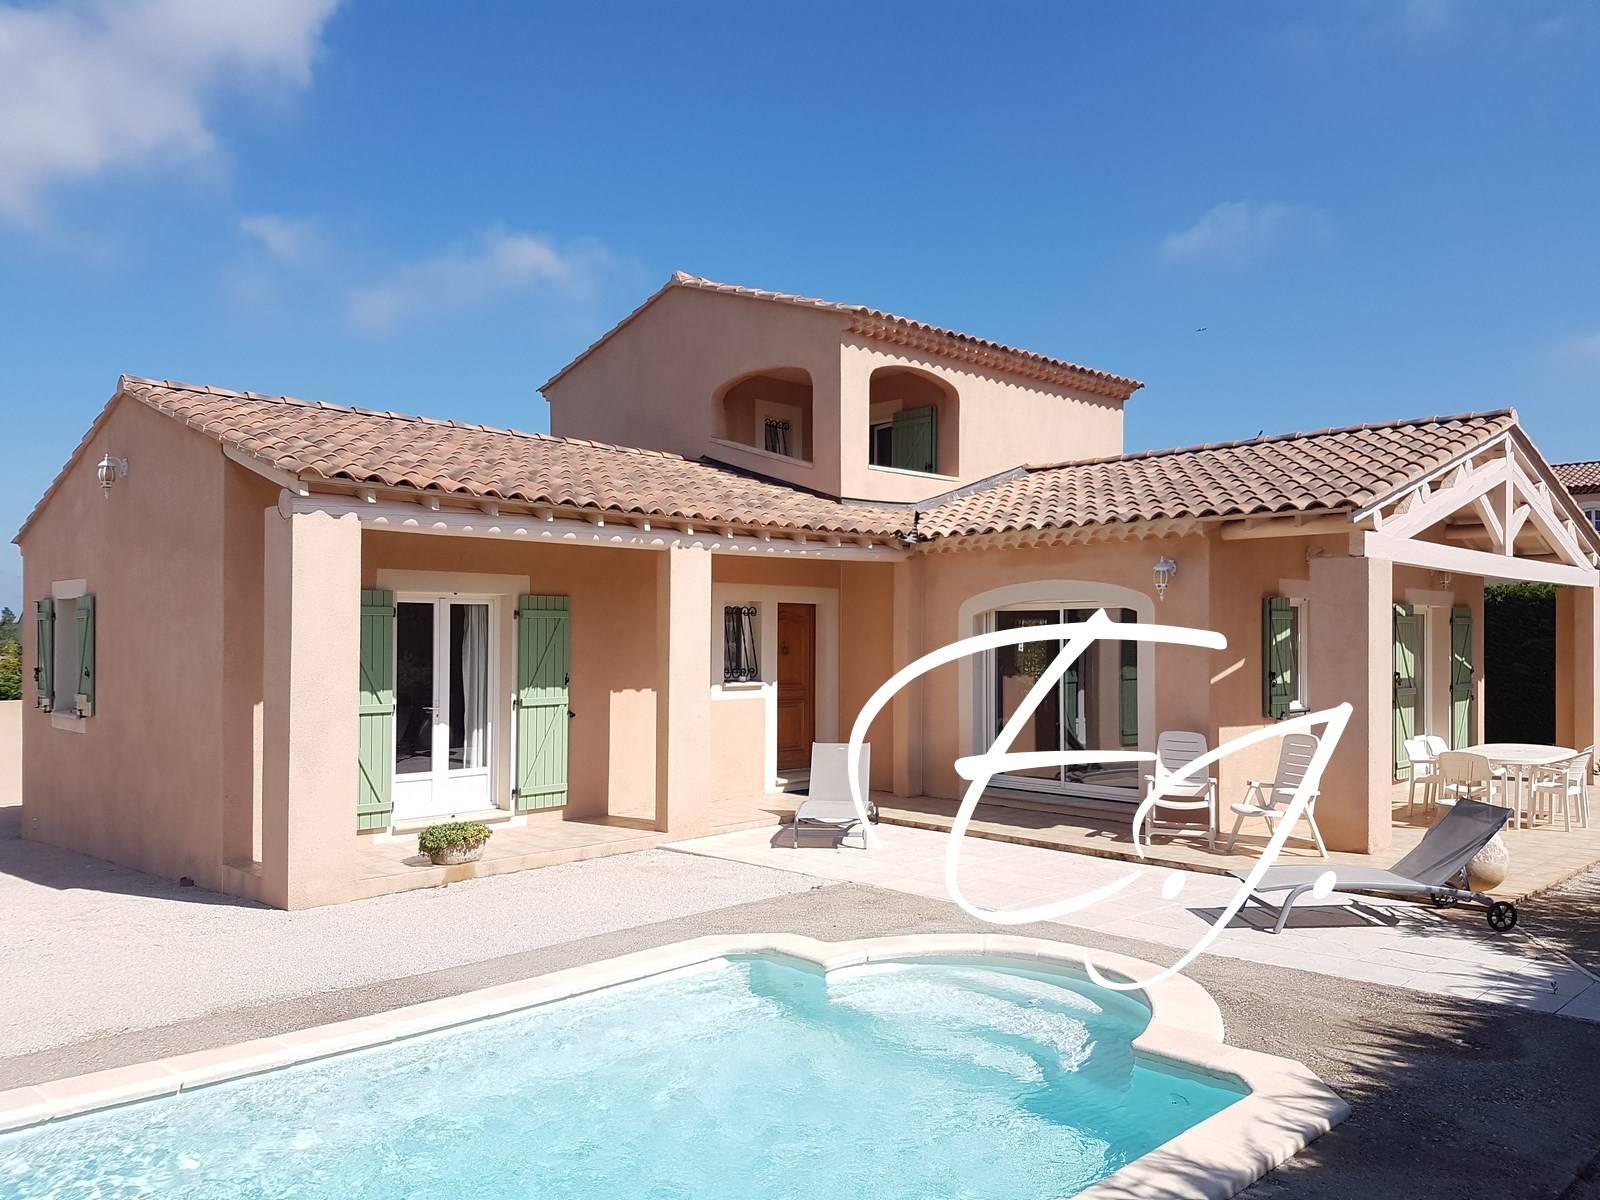 Maison T5 Robion au calme et proche commerces avec piscine et garage